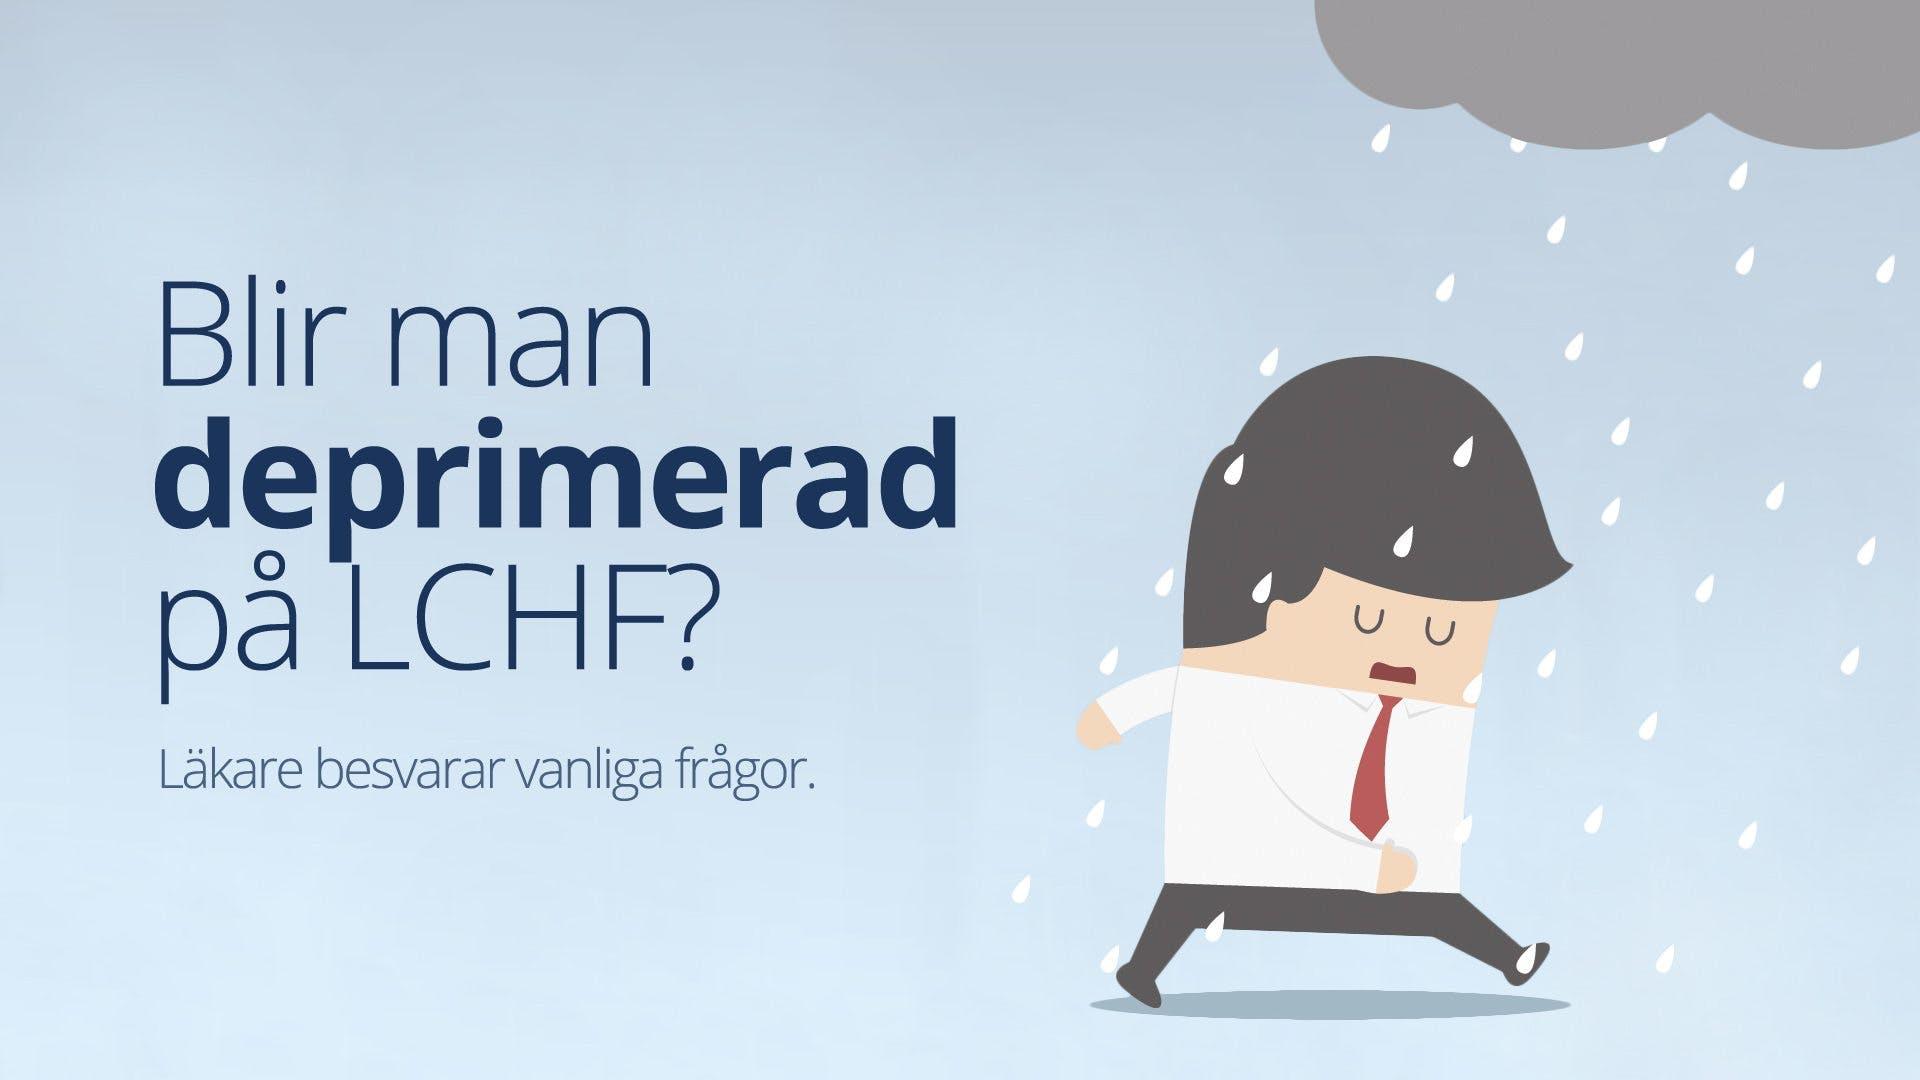 Kan man bli deprimerad på LCHF? Svar på vanliga frågor